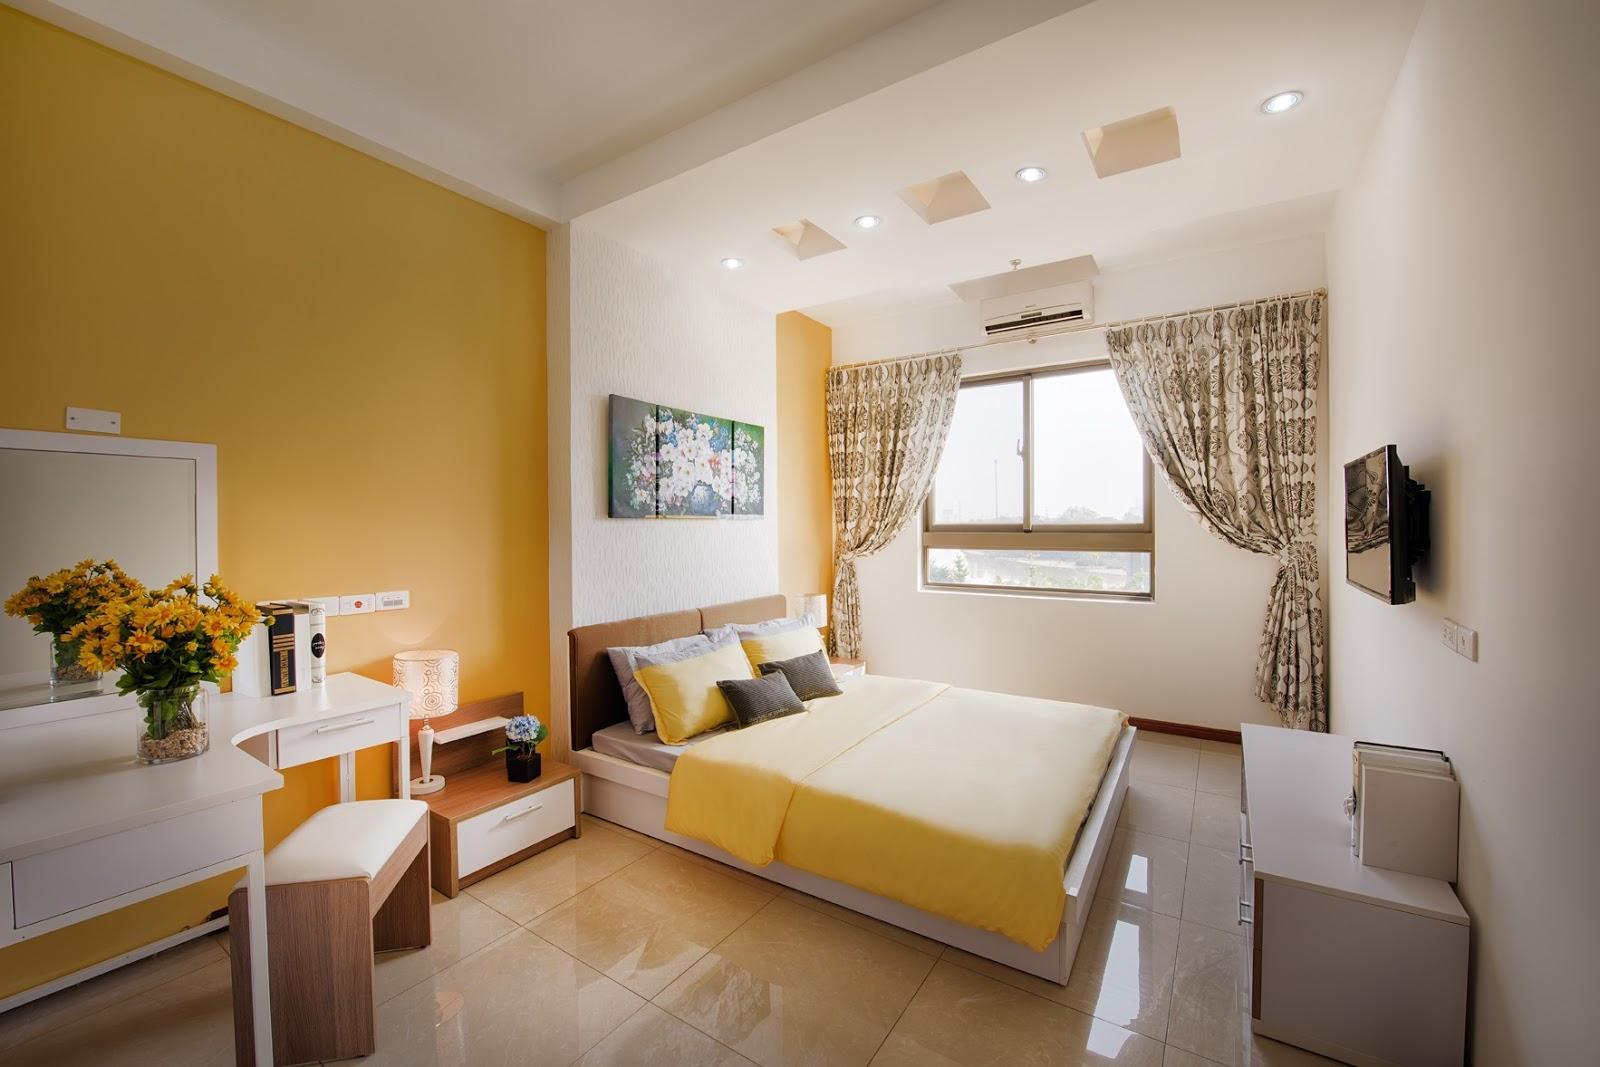 Dịch vụ nào tại TPHCM sơn sửa lại căn hộ trọn gói giá rẻ tốt nhất